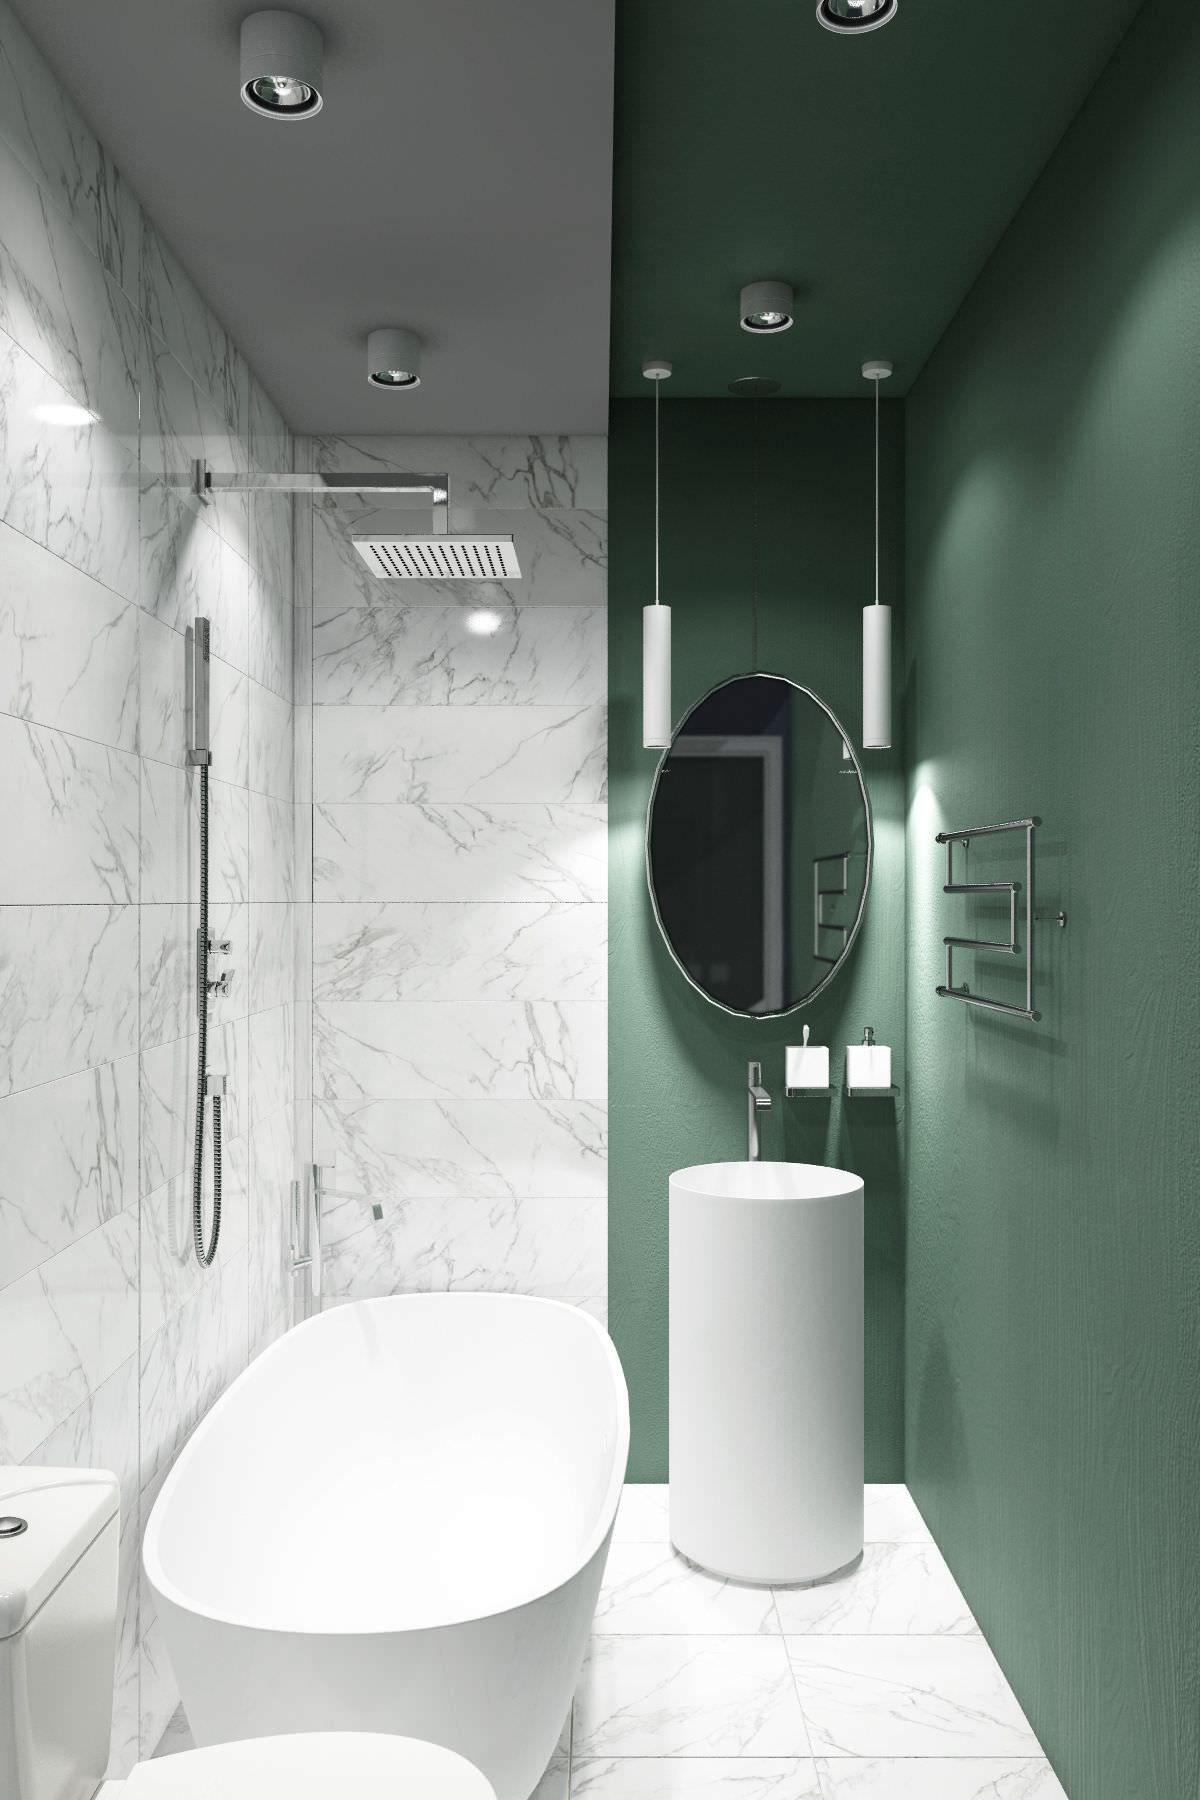 Disposizione Bagni Moderni.50 Idee Moderne Per Ristrutturare Un Bagno Stretto E Lungo